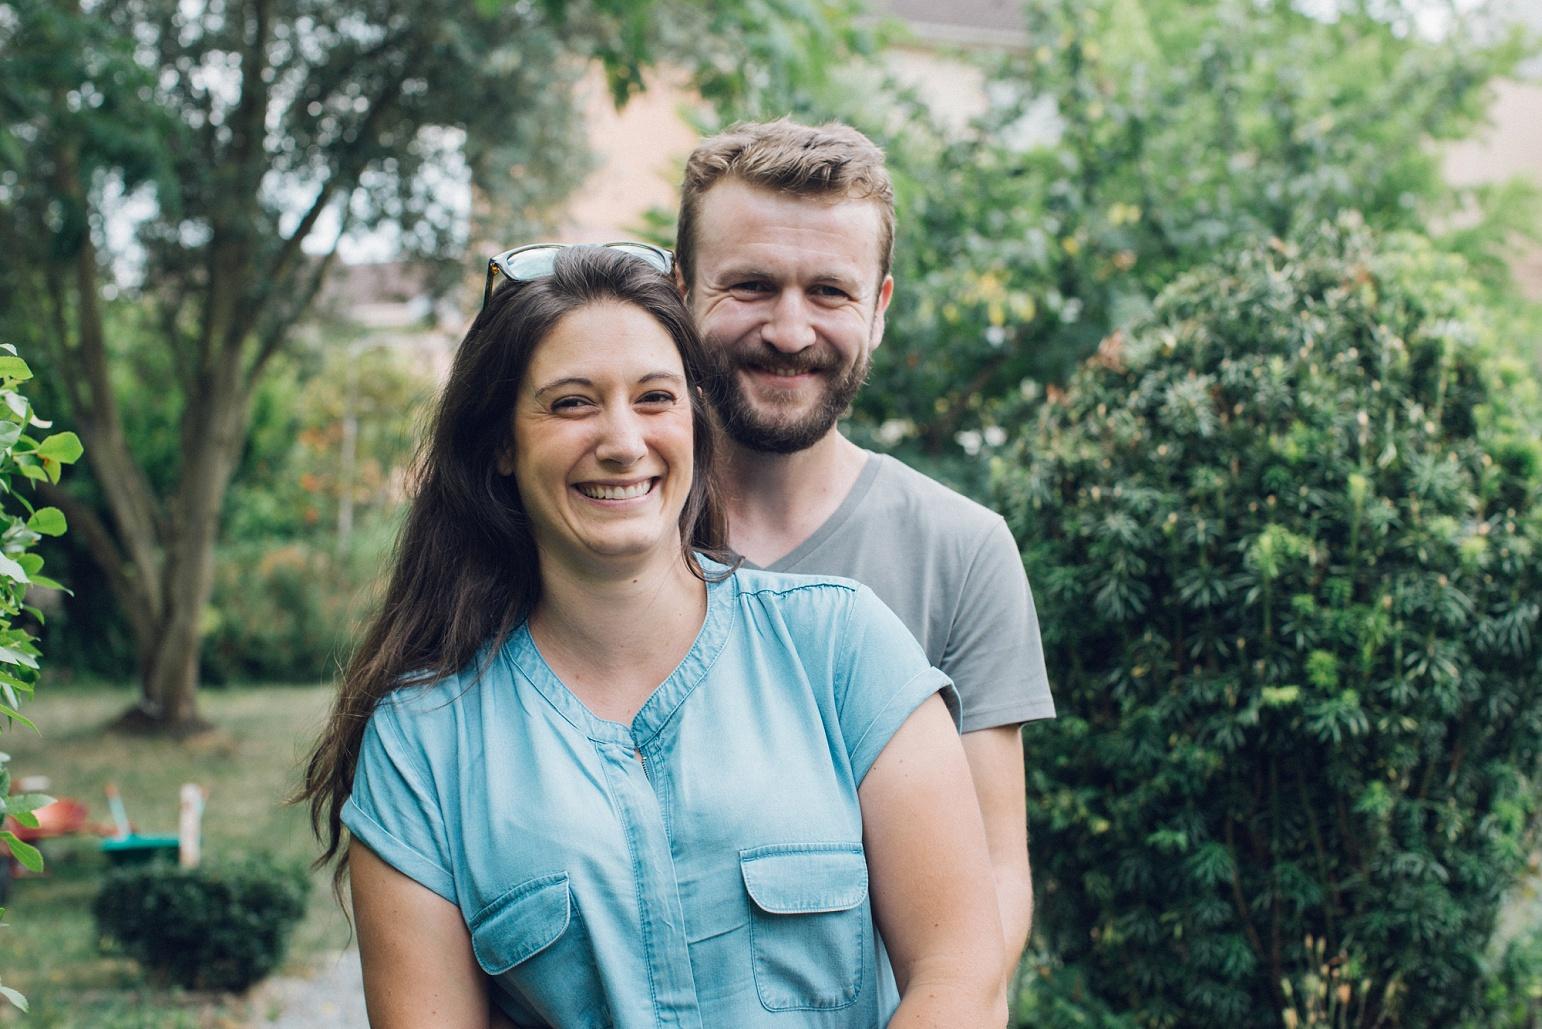 katerynaphotos-mariage-photographe-paysdelaloire-lemans-sarthe-sud_0726.jpg